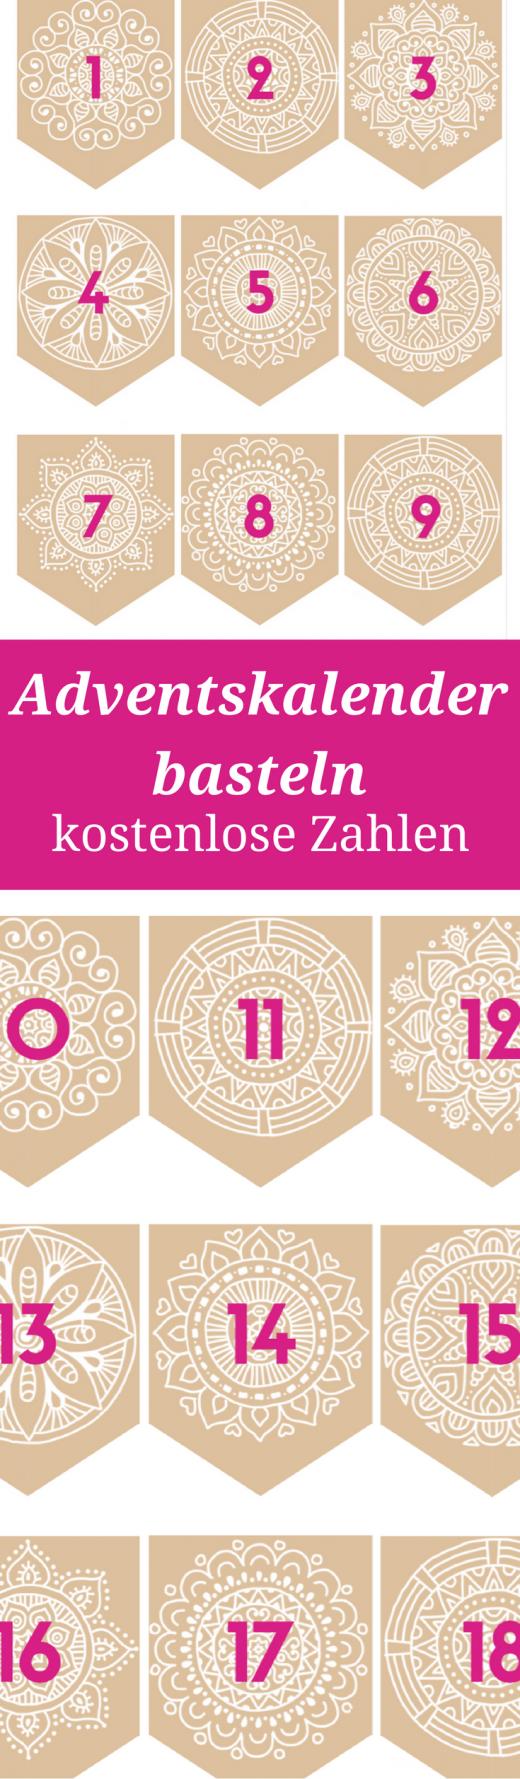 Adventskalender basteln - Zahlen zum Ausdrucken als kostenlose Vorlage. Außerdem Ideen für Adventskalenderinhalte ohne Konsum, aber mit leibevollen Unternehmungen und Erlebnissen.